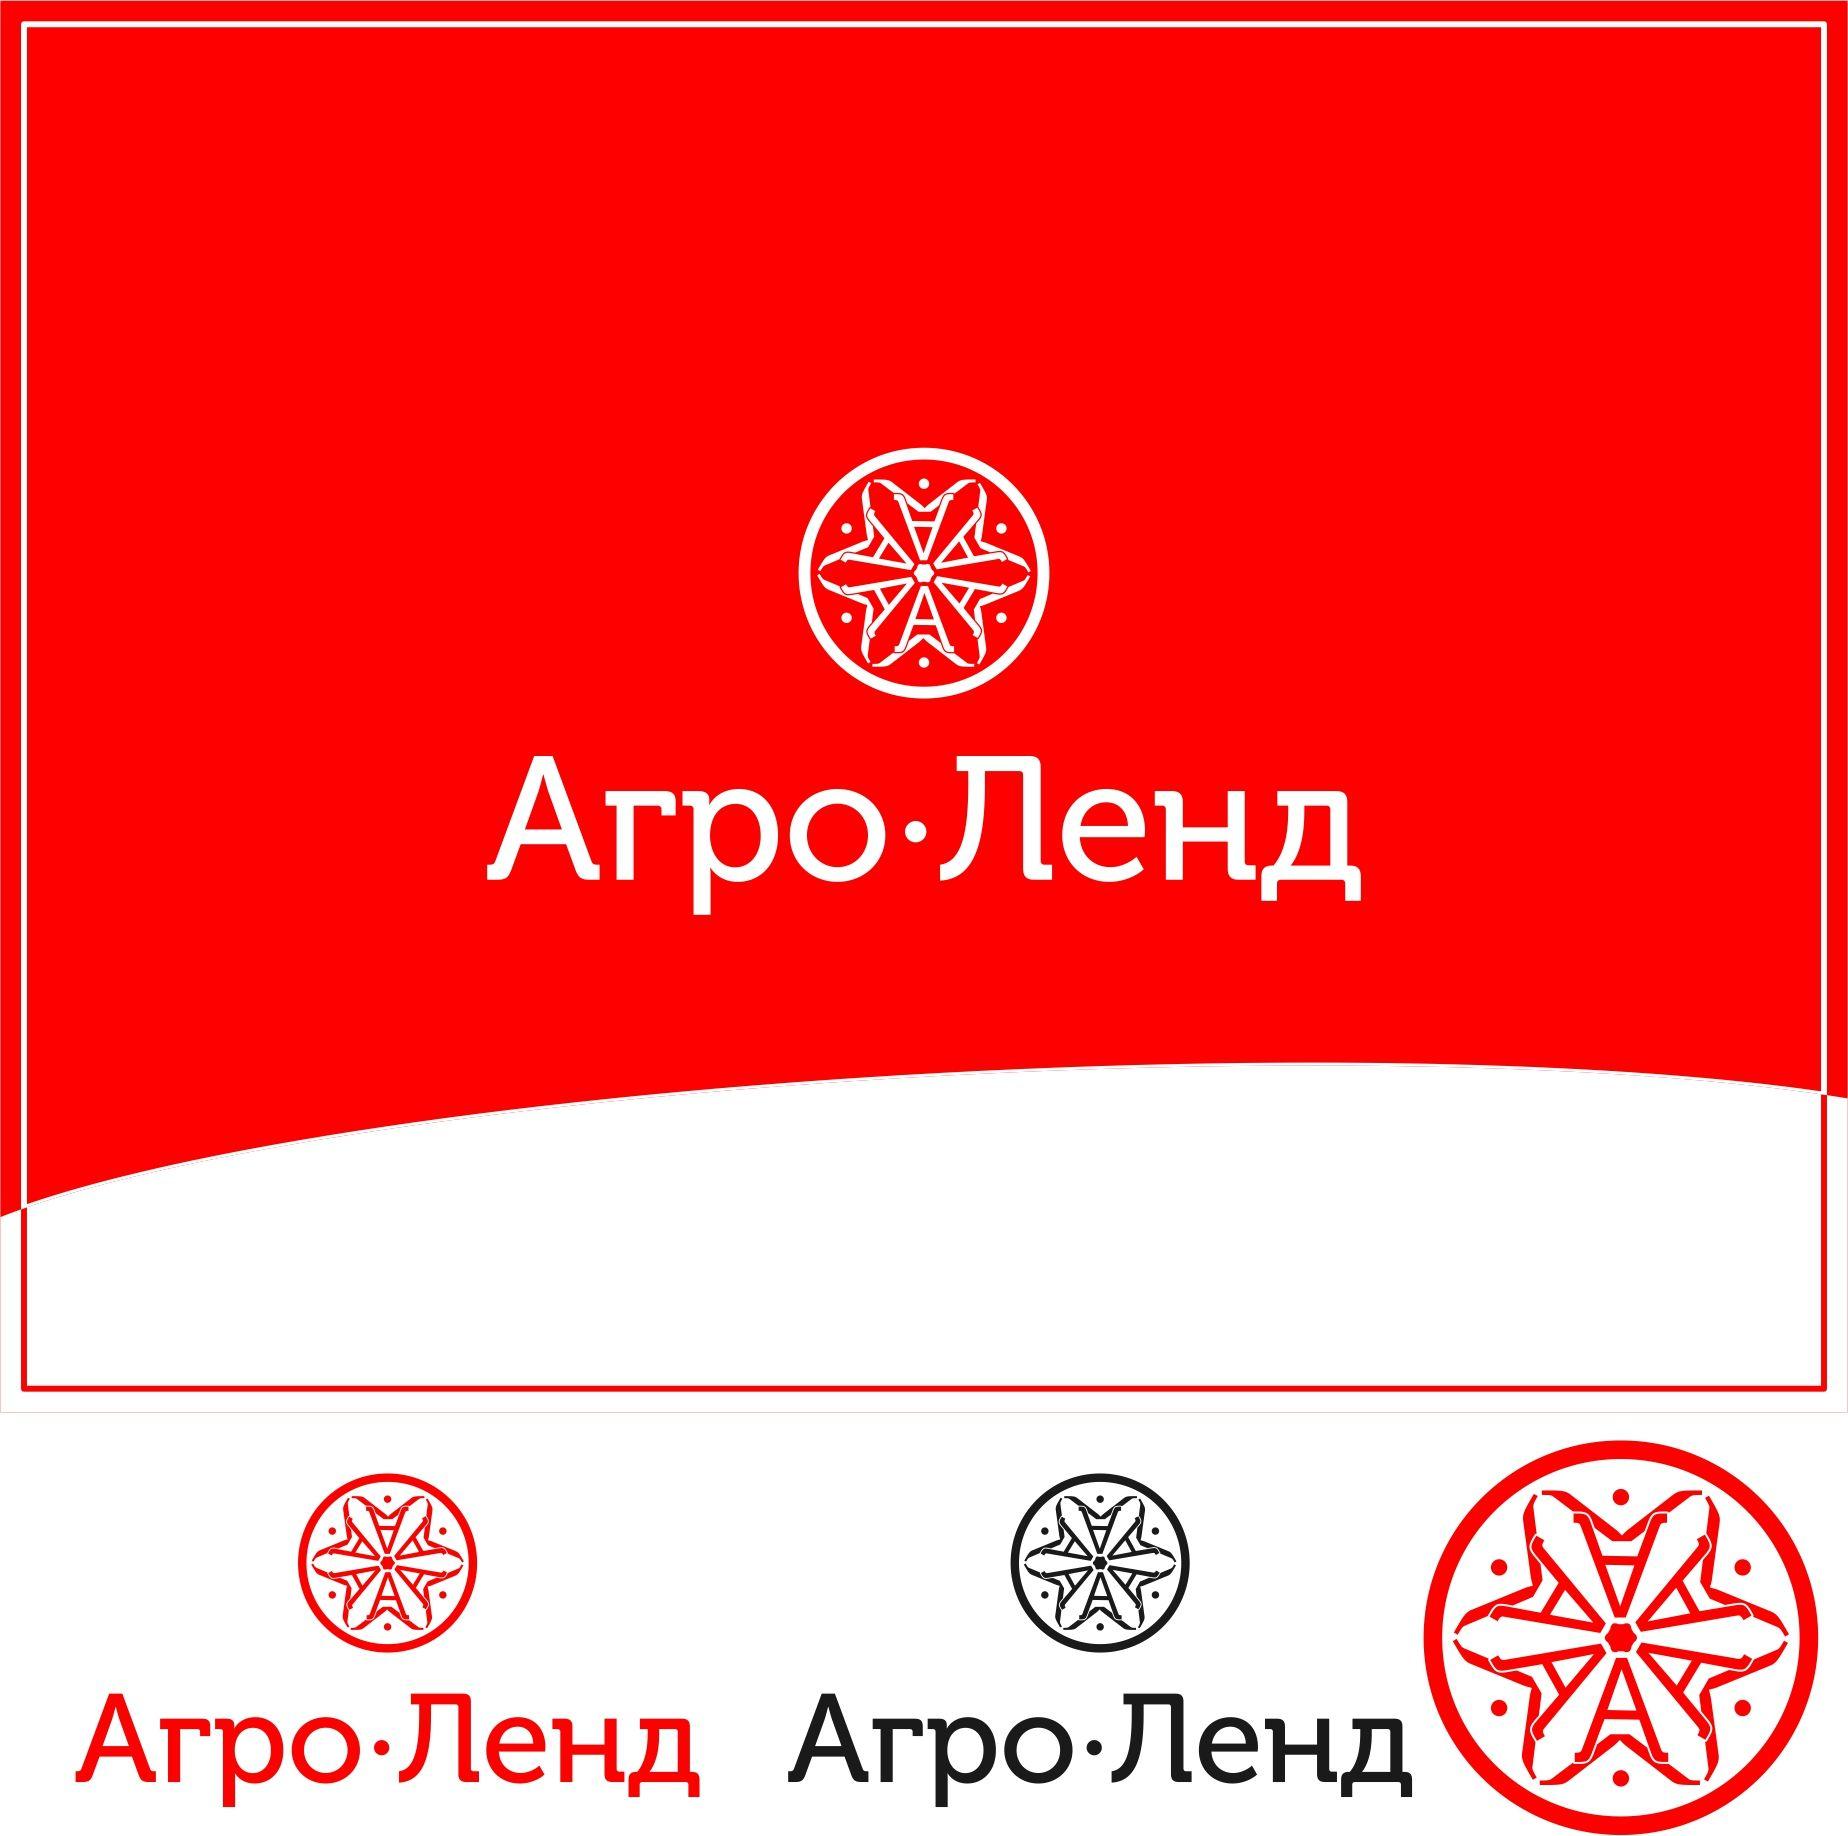 Логотип и фирменный стиль маслозавода. - дизайнер hsochi